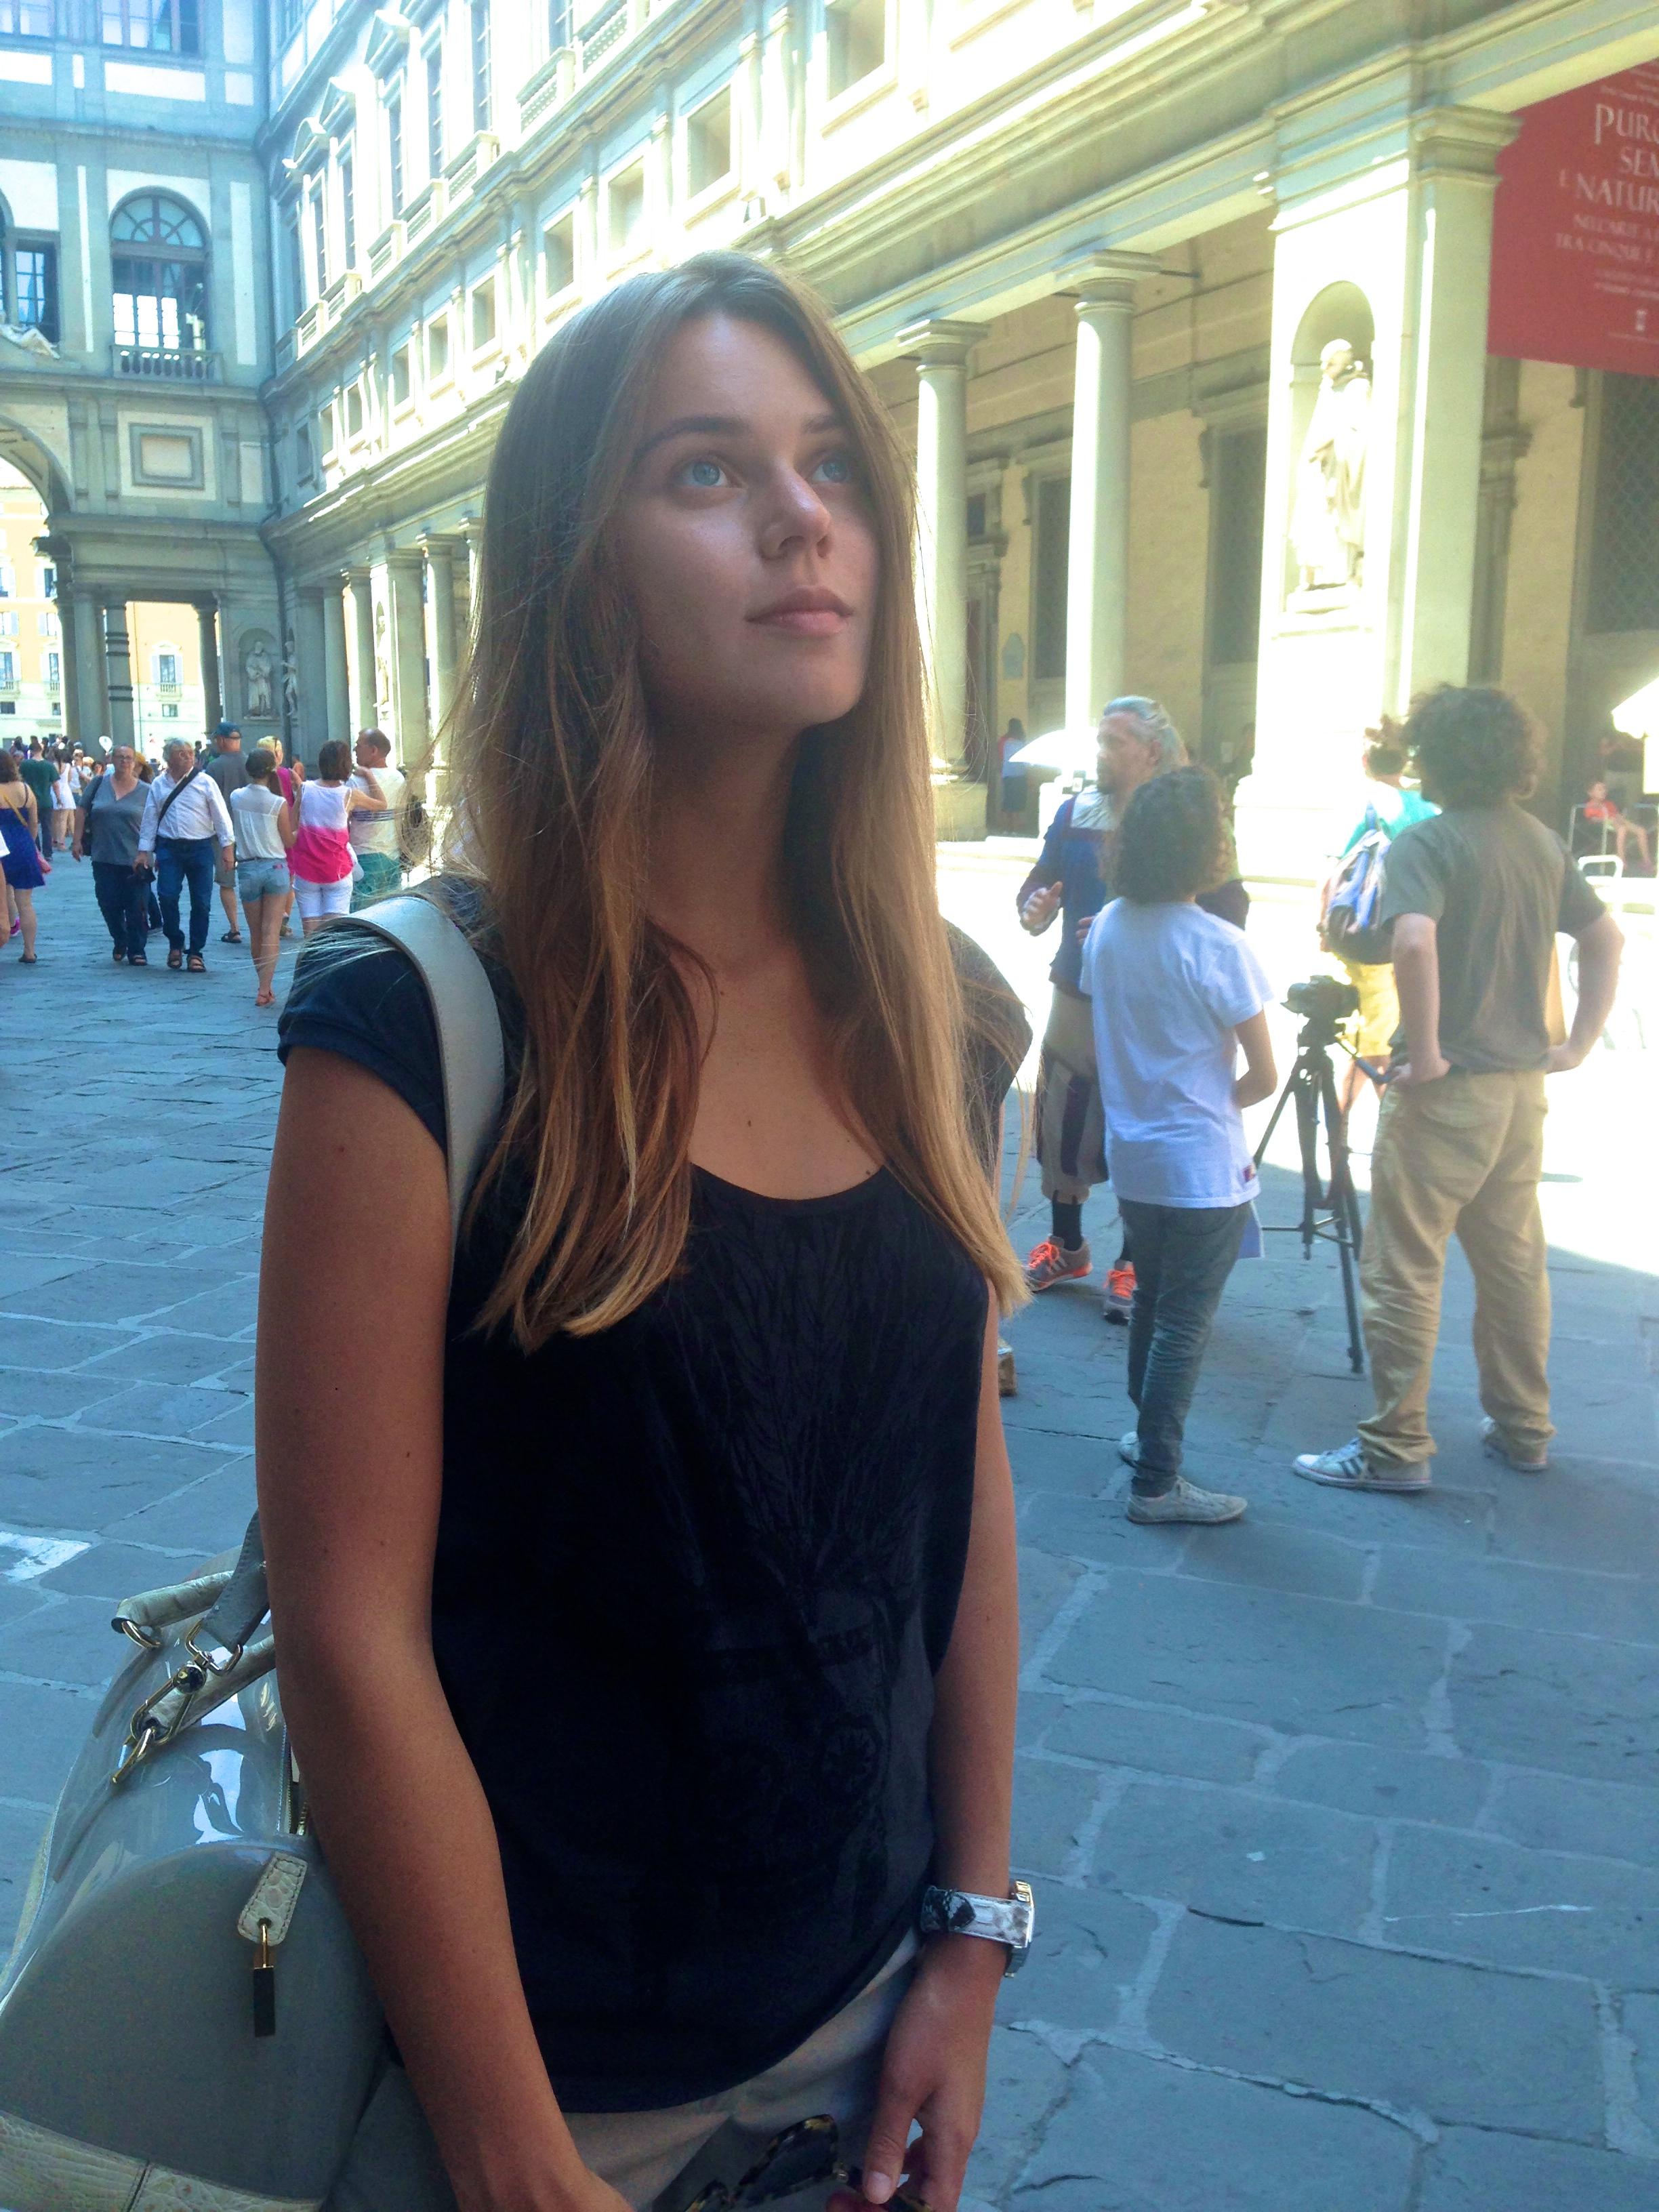 svetlana shashkova charmed by uffizi